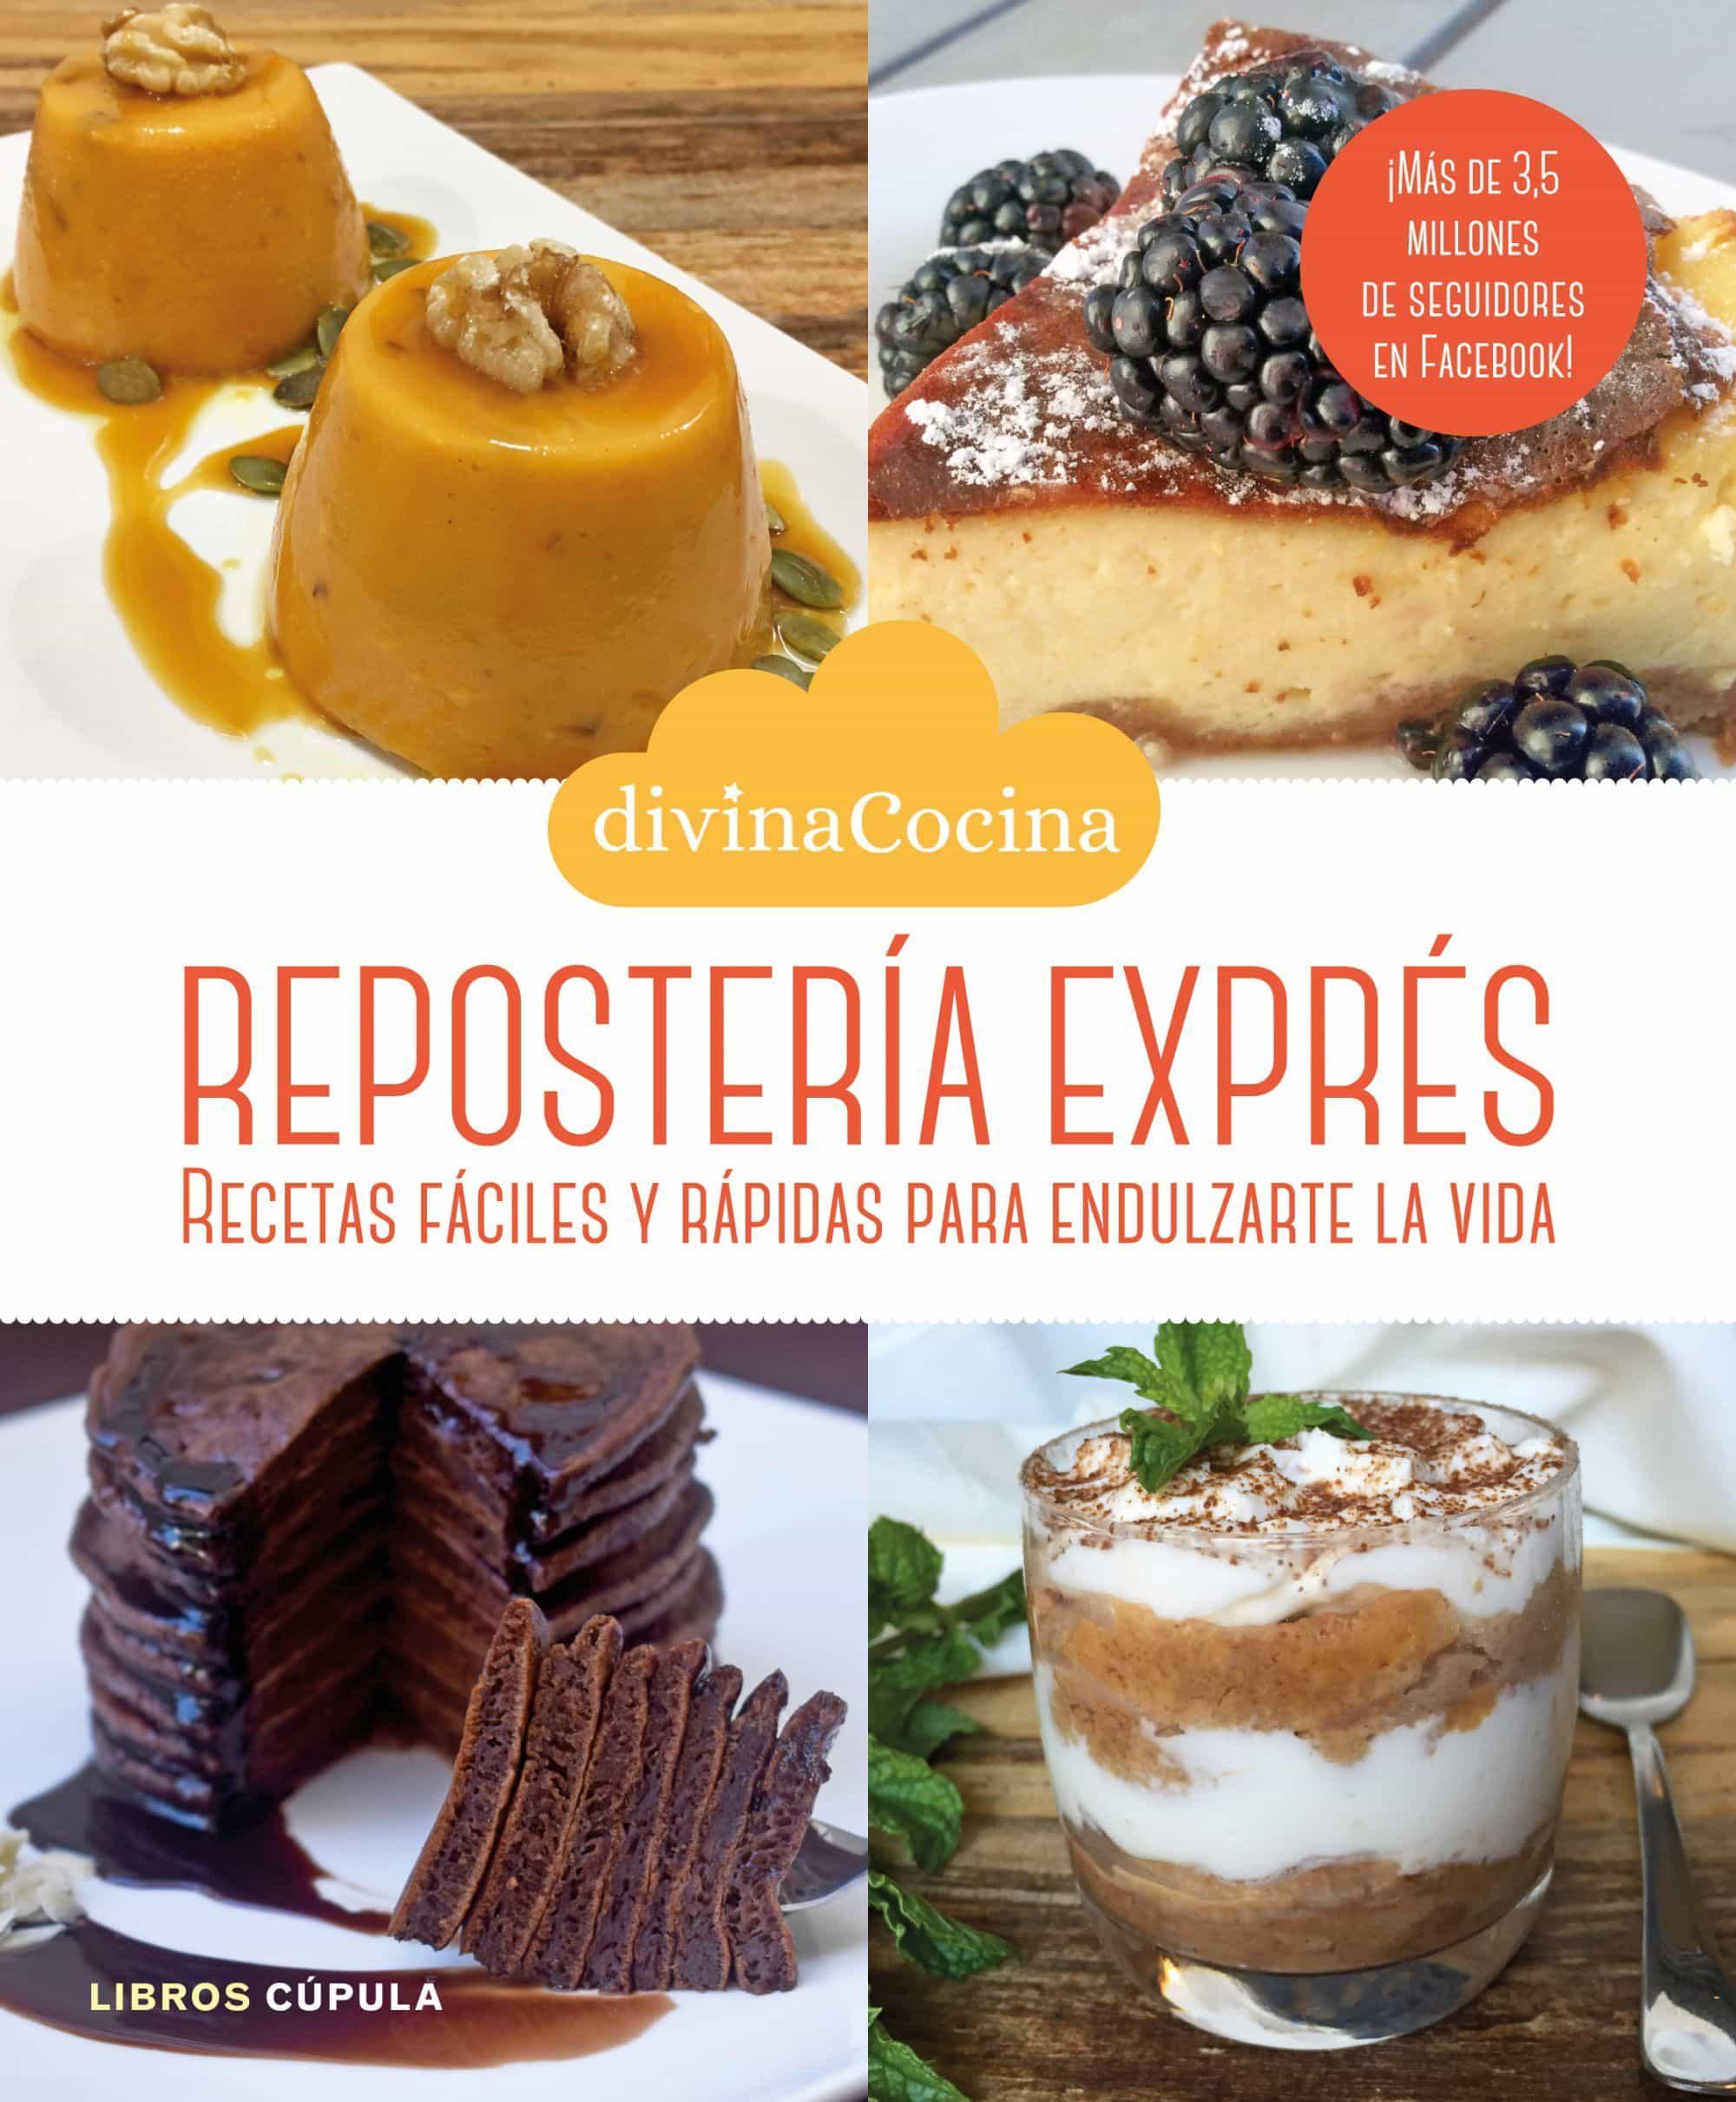 reposteria expres elabora las mejores recetas de postres y dulces de divina cocina de forma - Divina Cocina